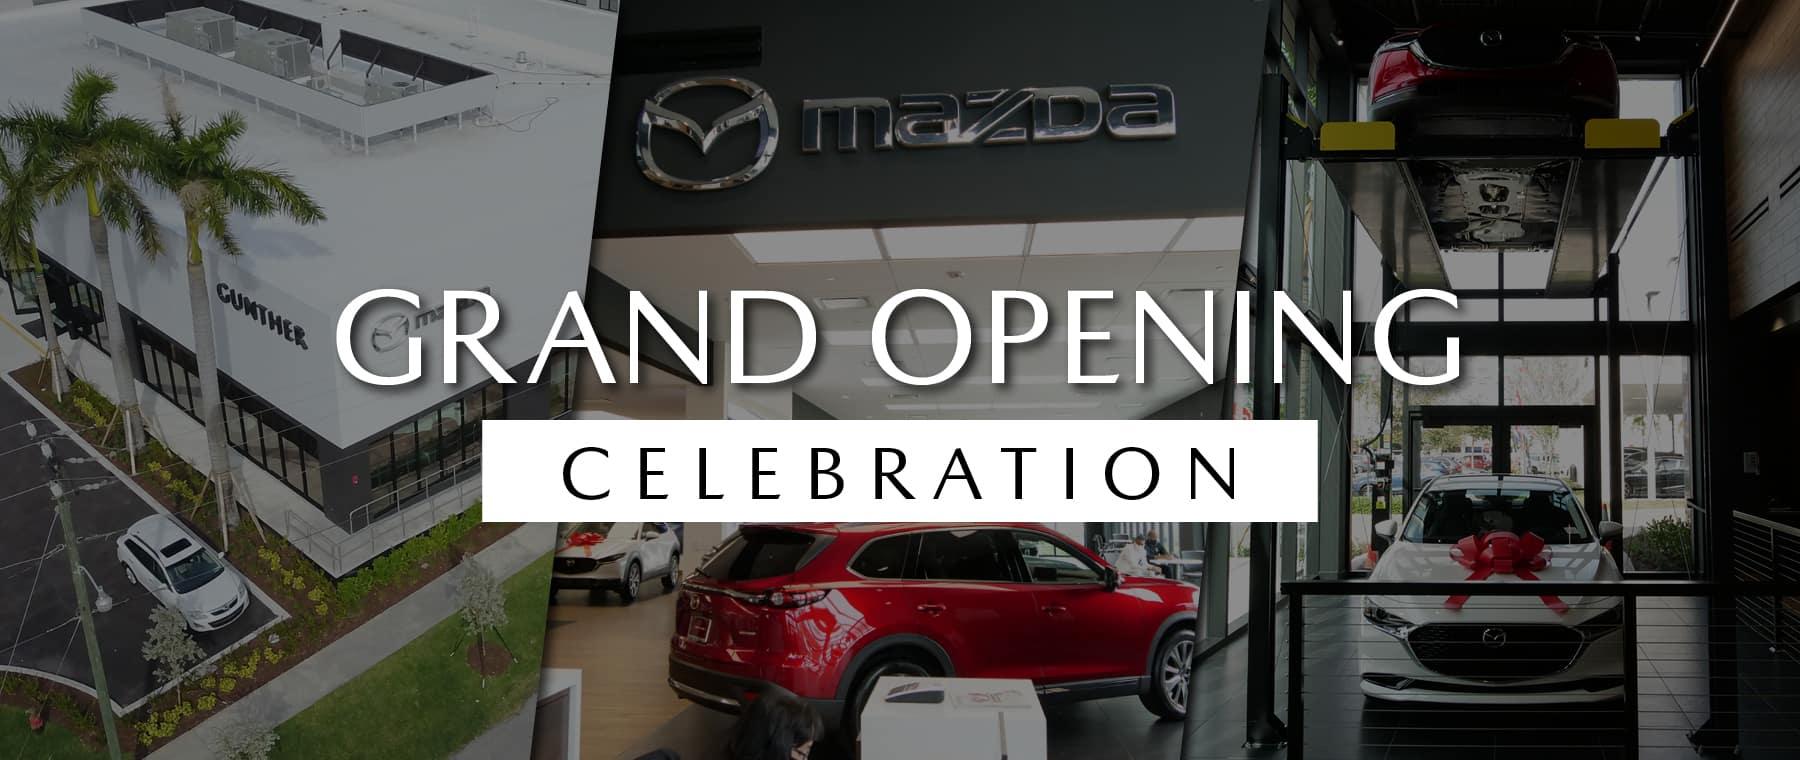 Grand Opening Celebration.